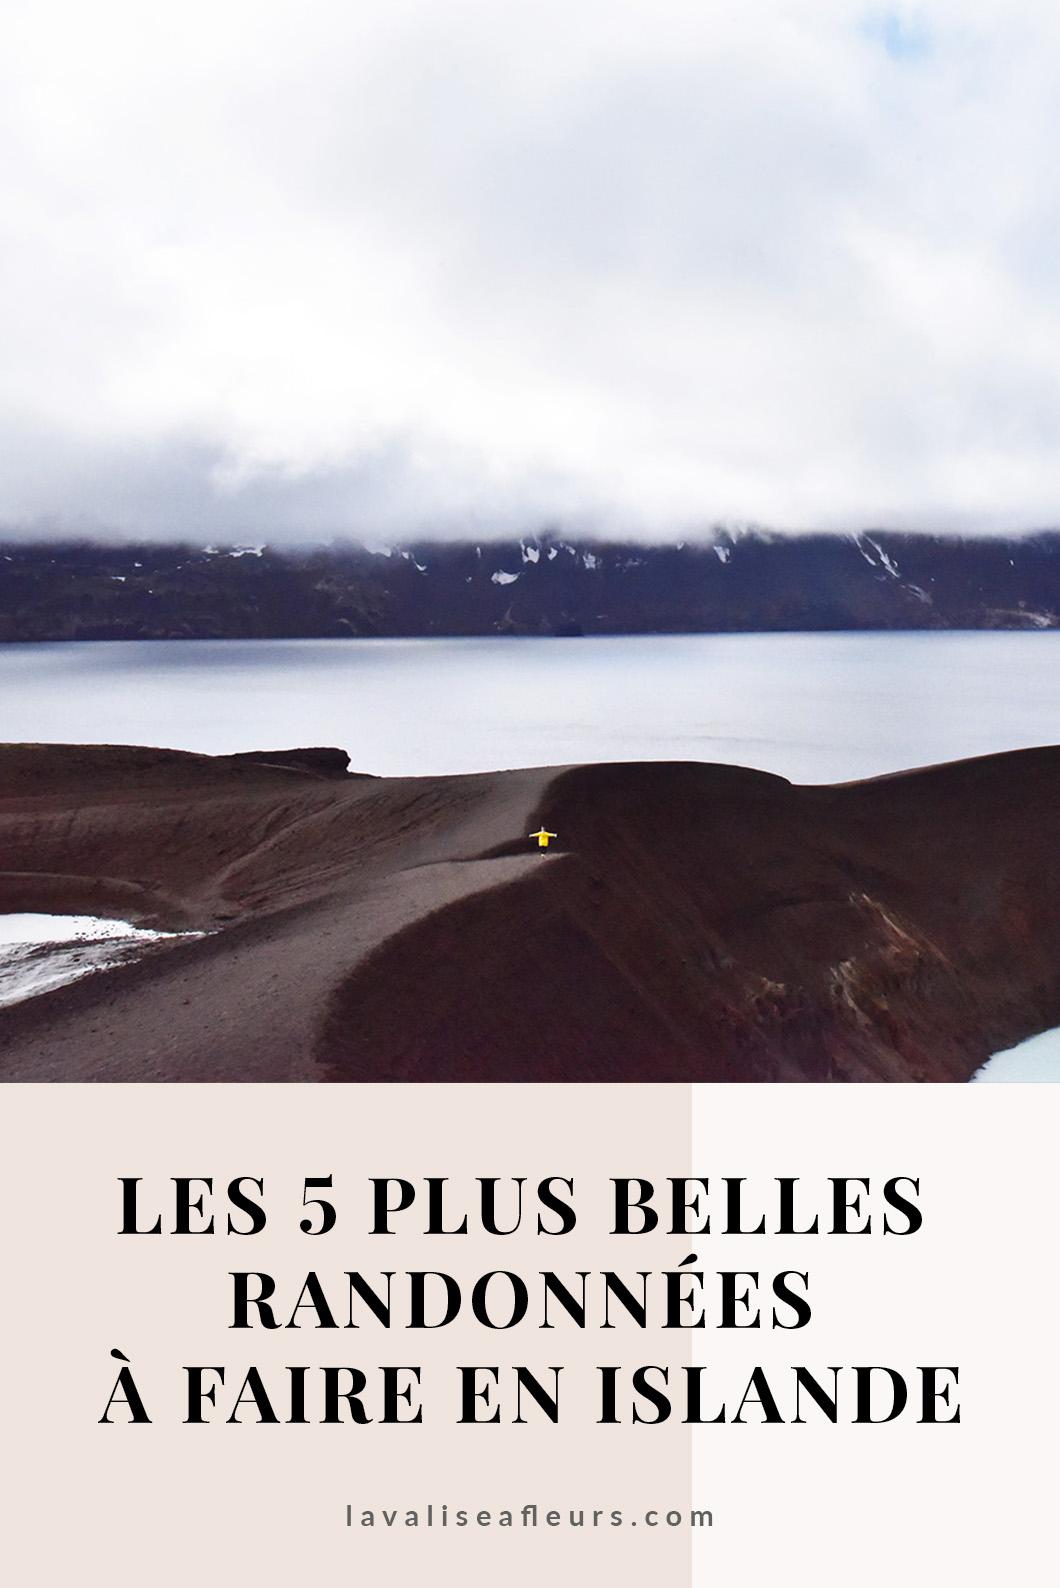 Les 5 plus belles randonnées à faire en Islande